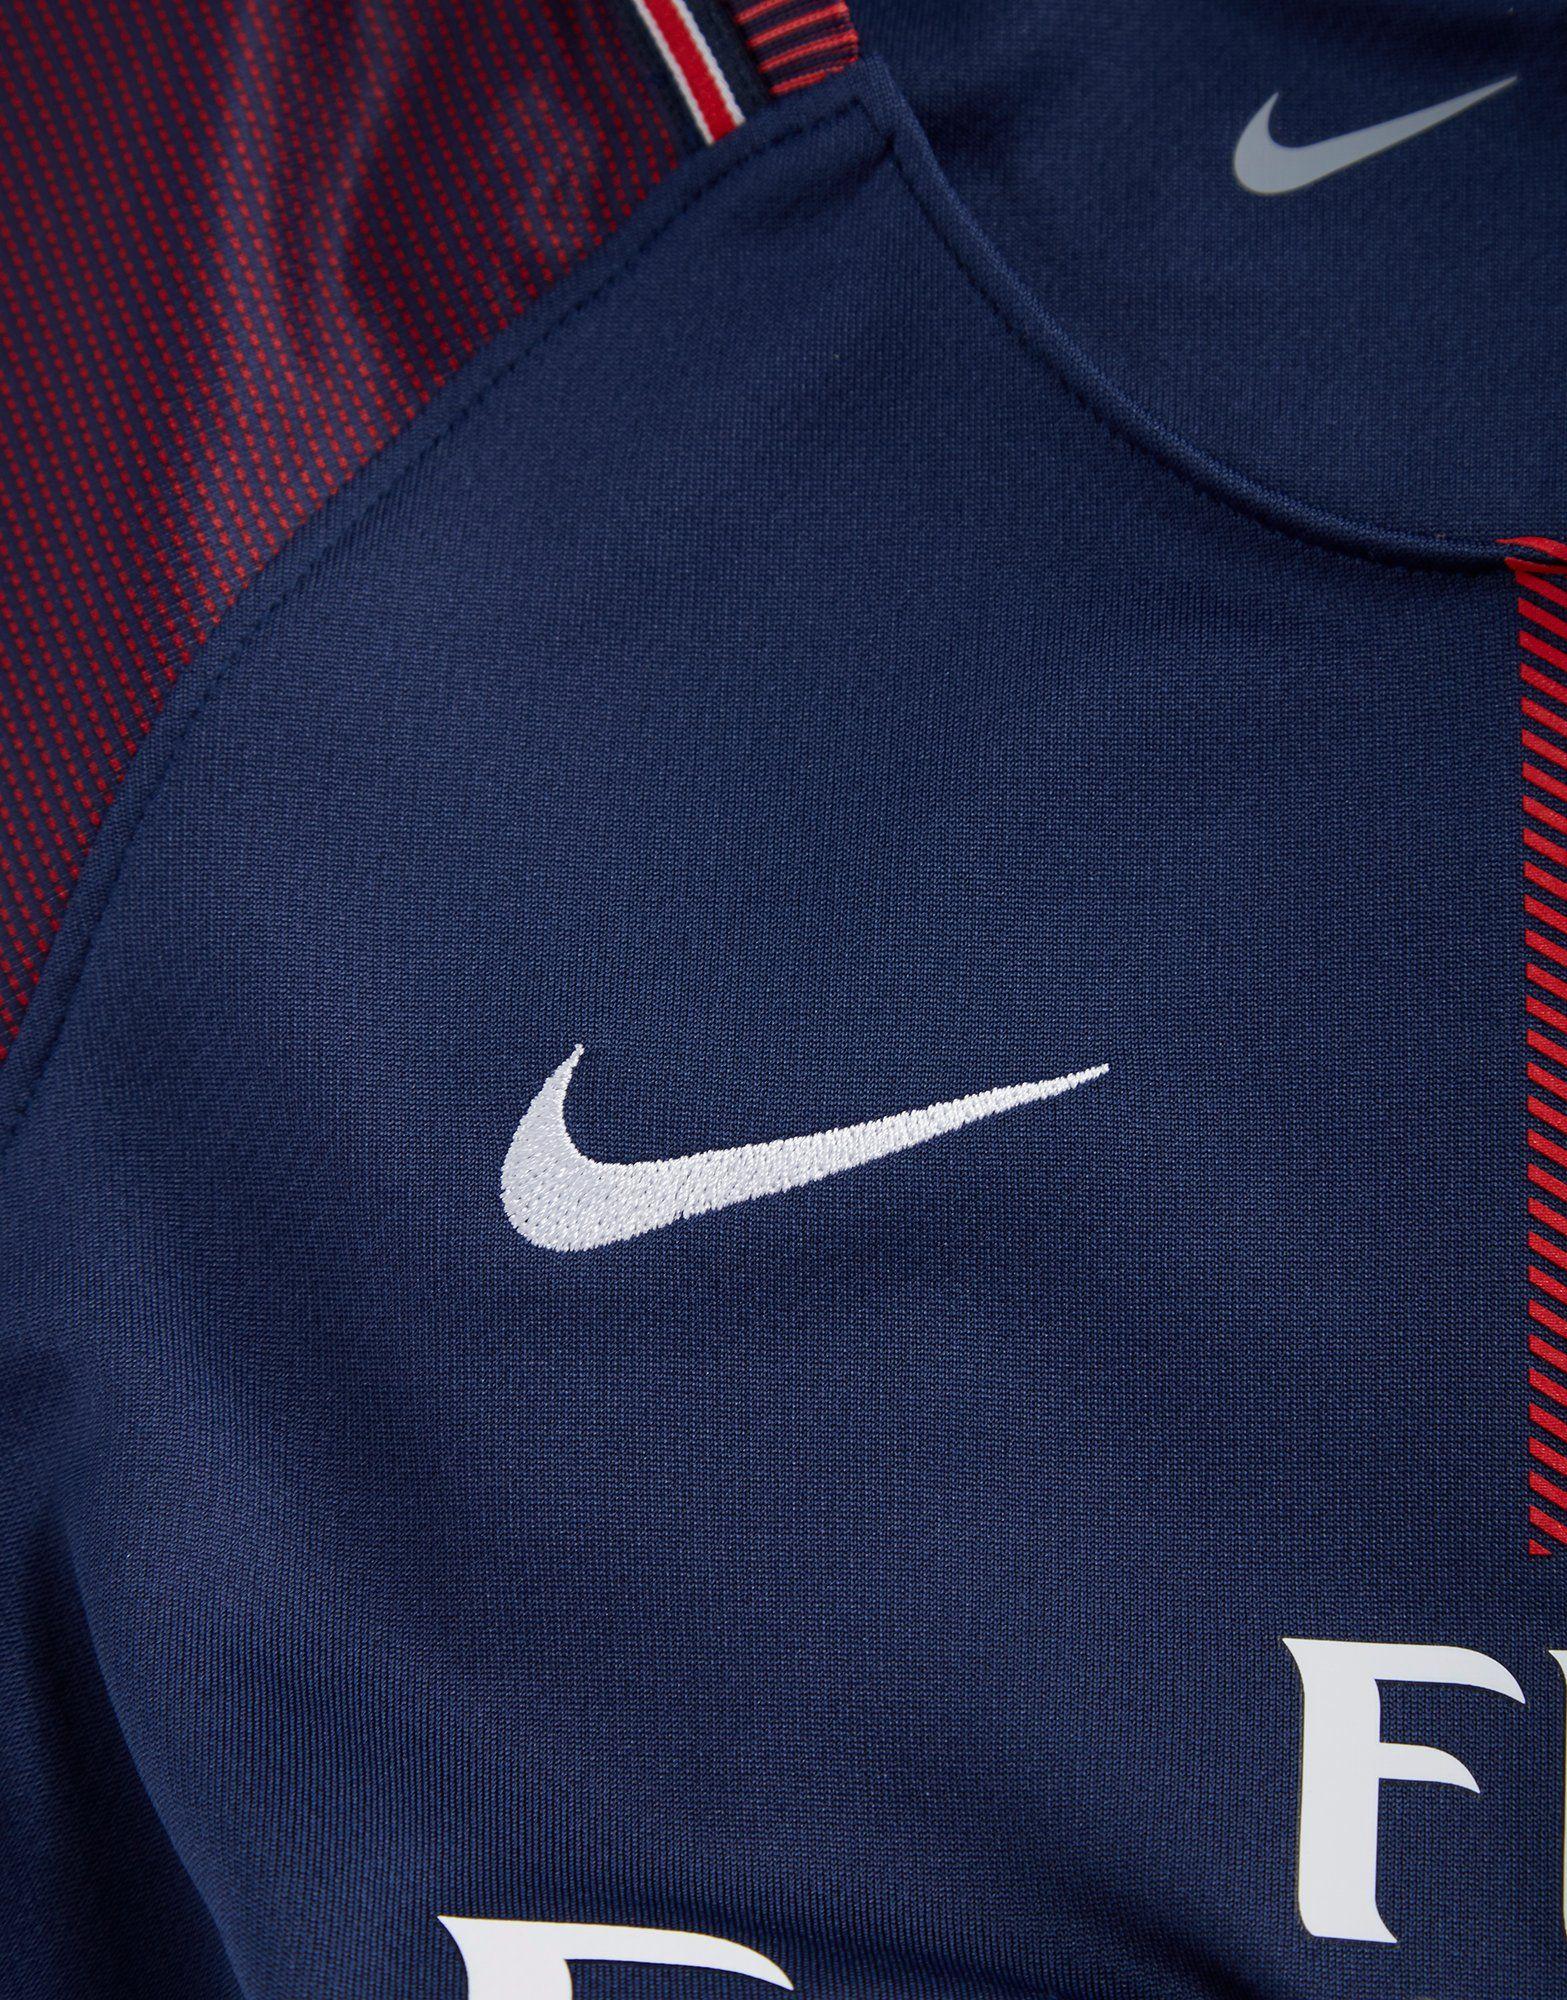 Nike Paris Saint Germain 2017/18 Home Kit Children